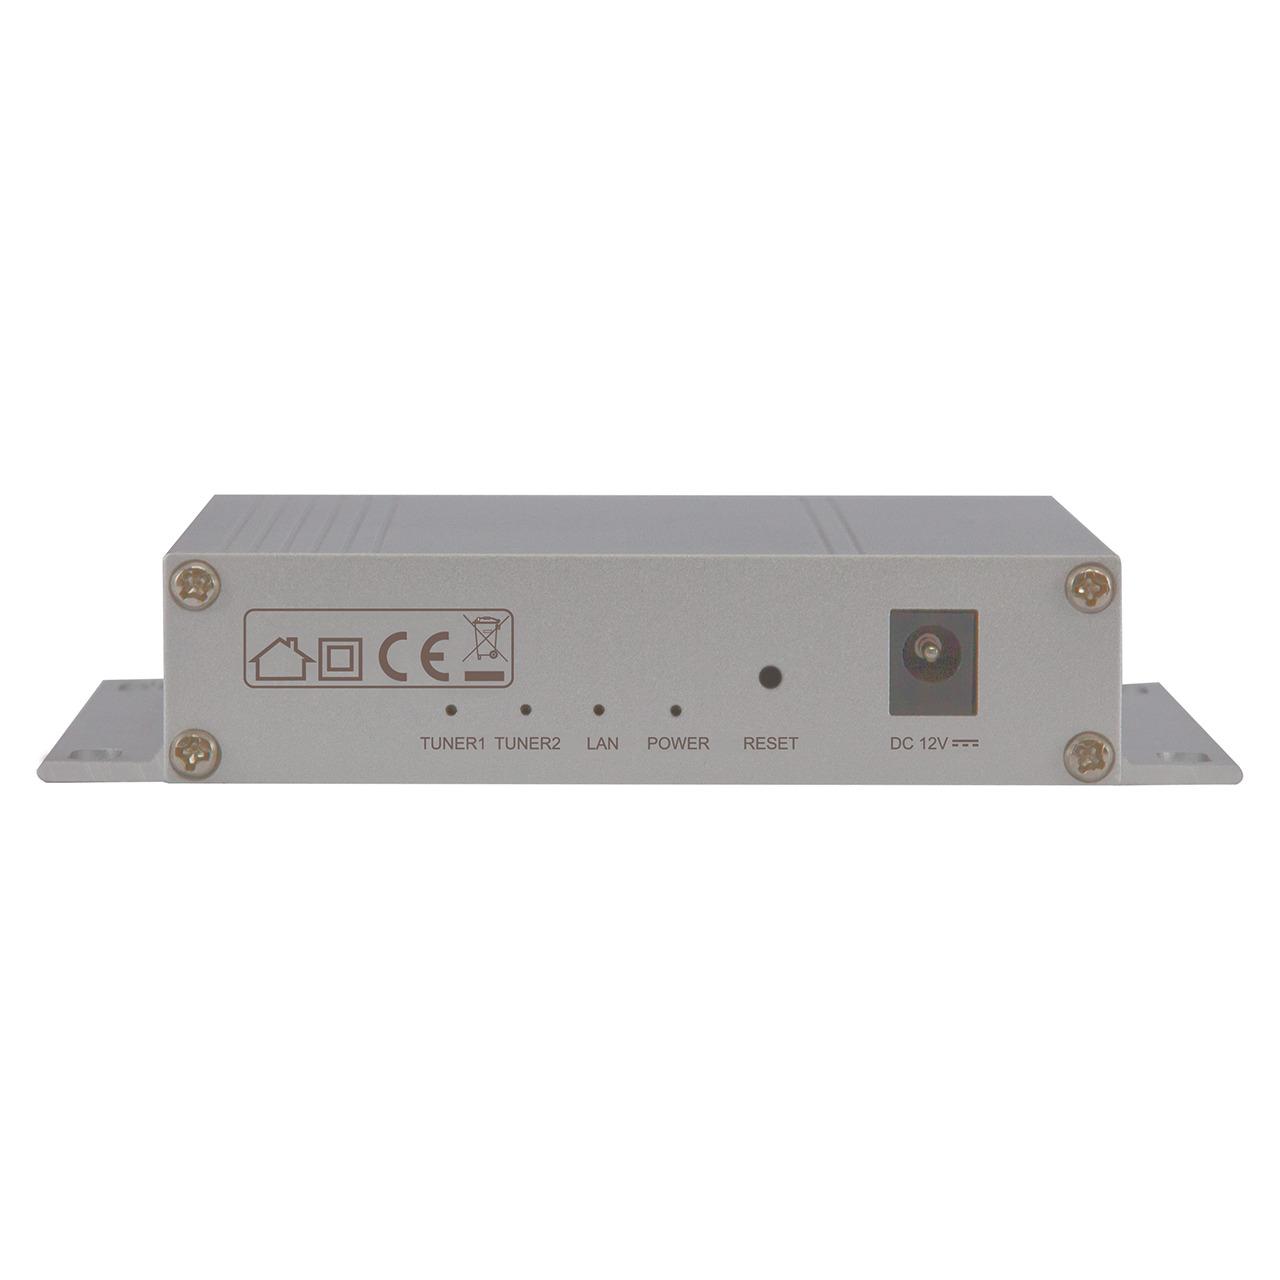 Telestar Sat-to-IP-Router Digibit TWIN für Satellitenempfang- IP-TV für 2 Teilnehmer